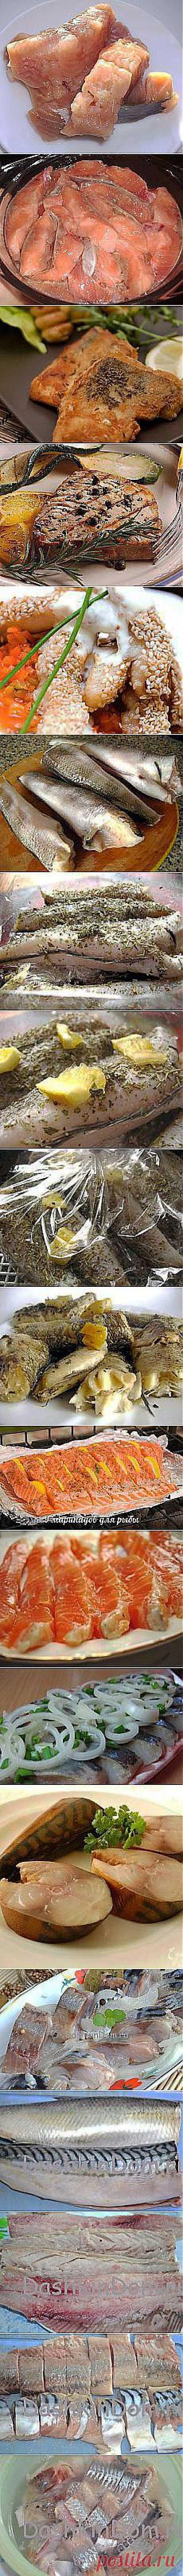 свутлана шефер: Рыба | Постила